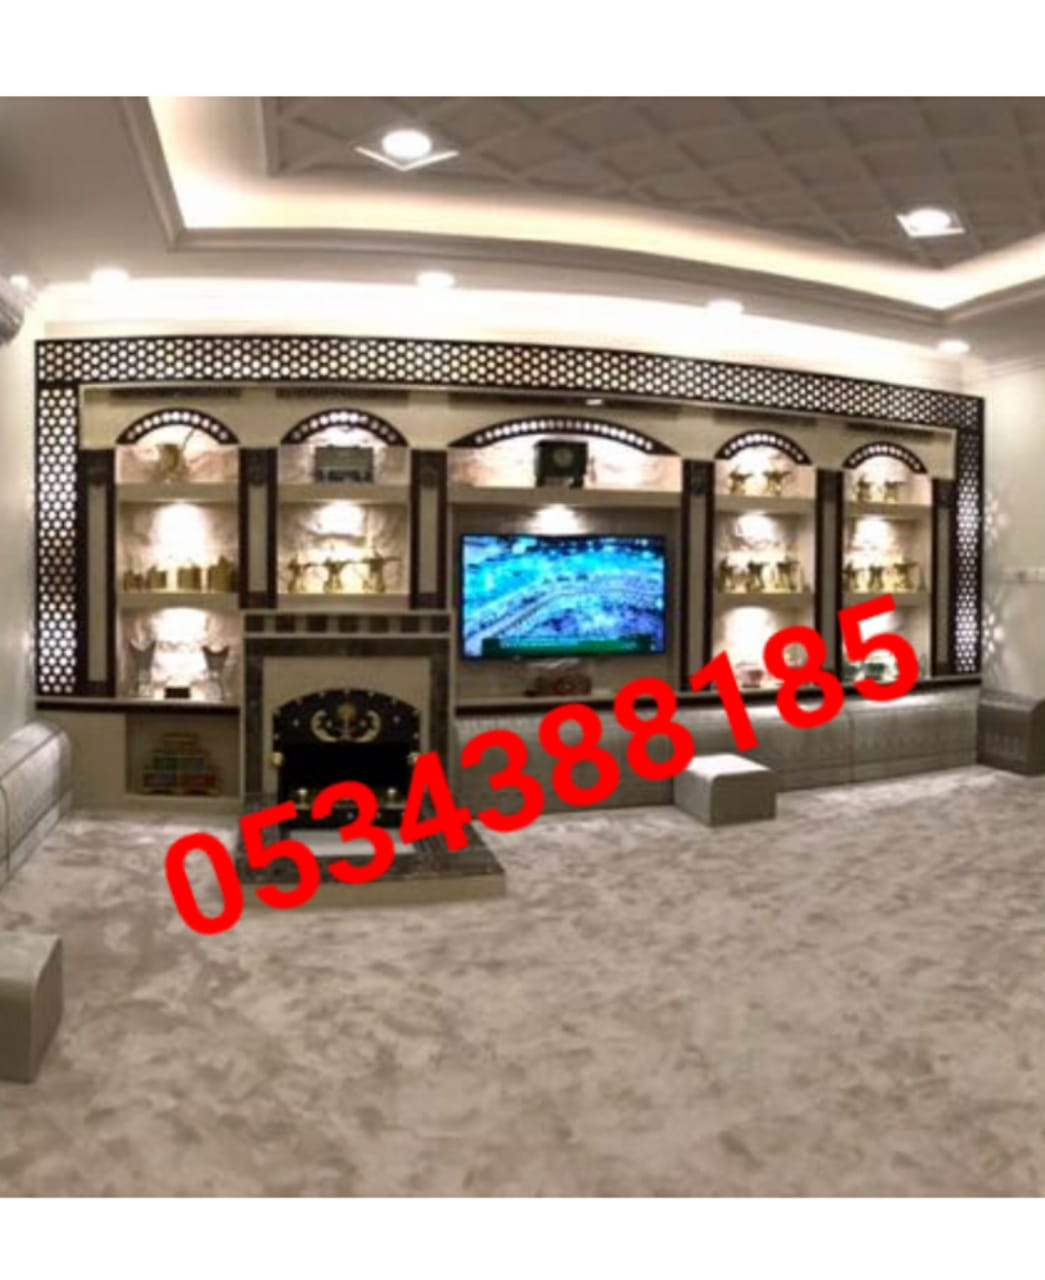 مشبات مشبات الرياض 0534388185 p_1098u6q8c4.jpg